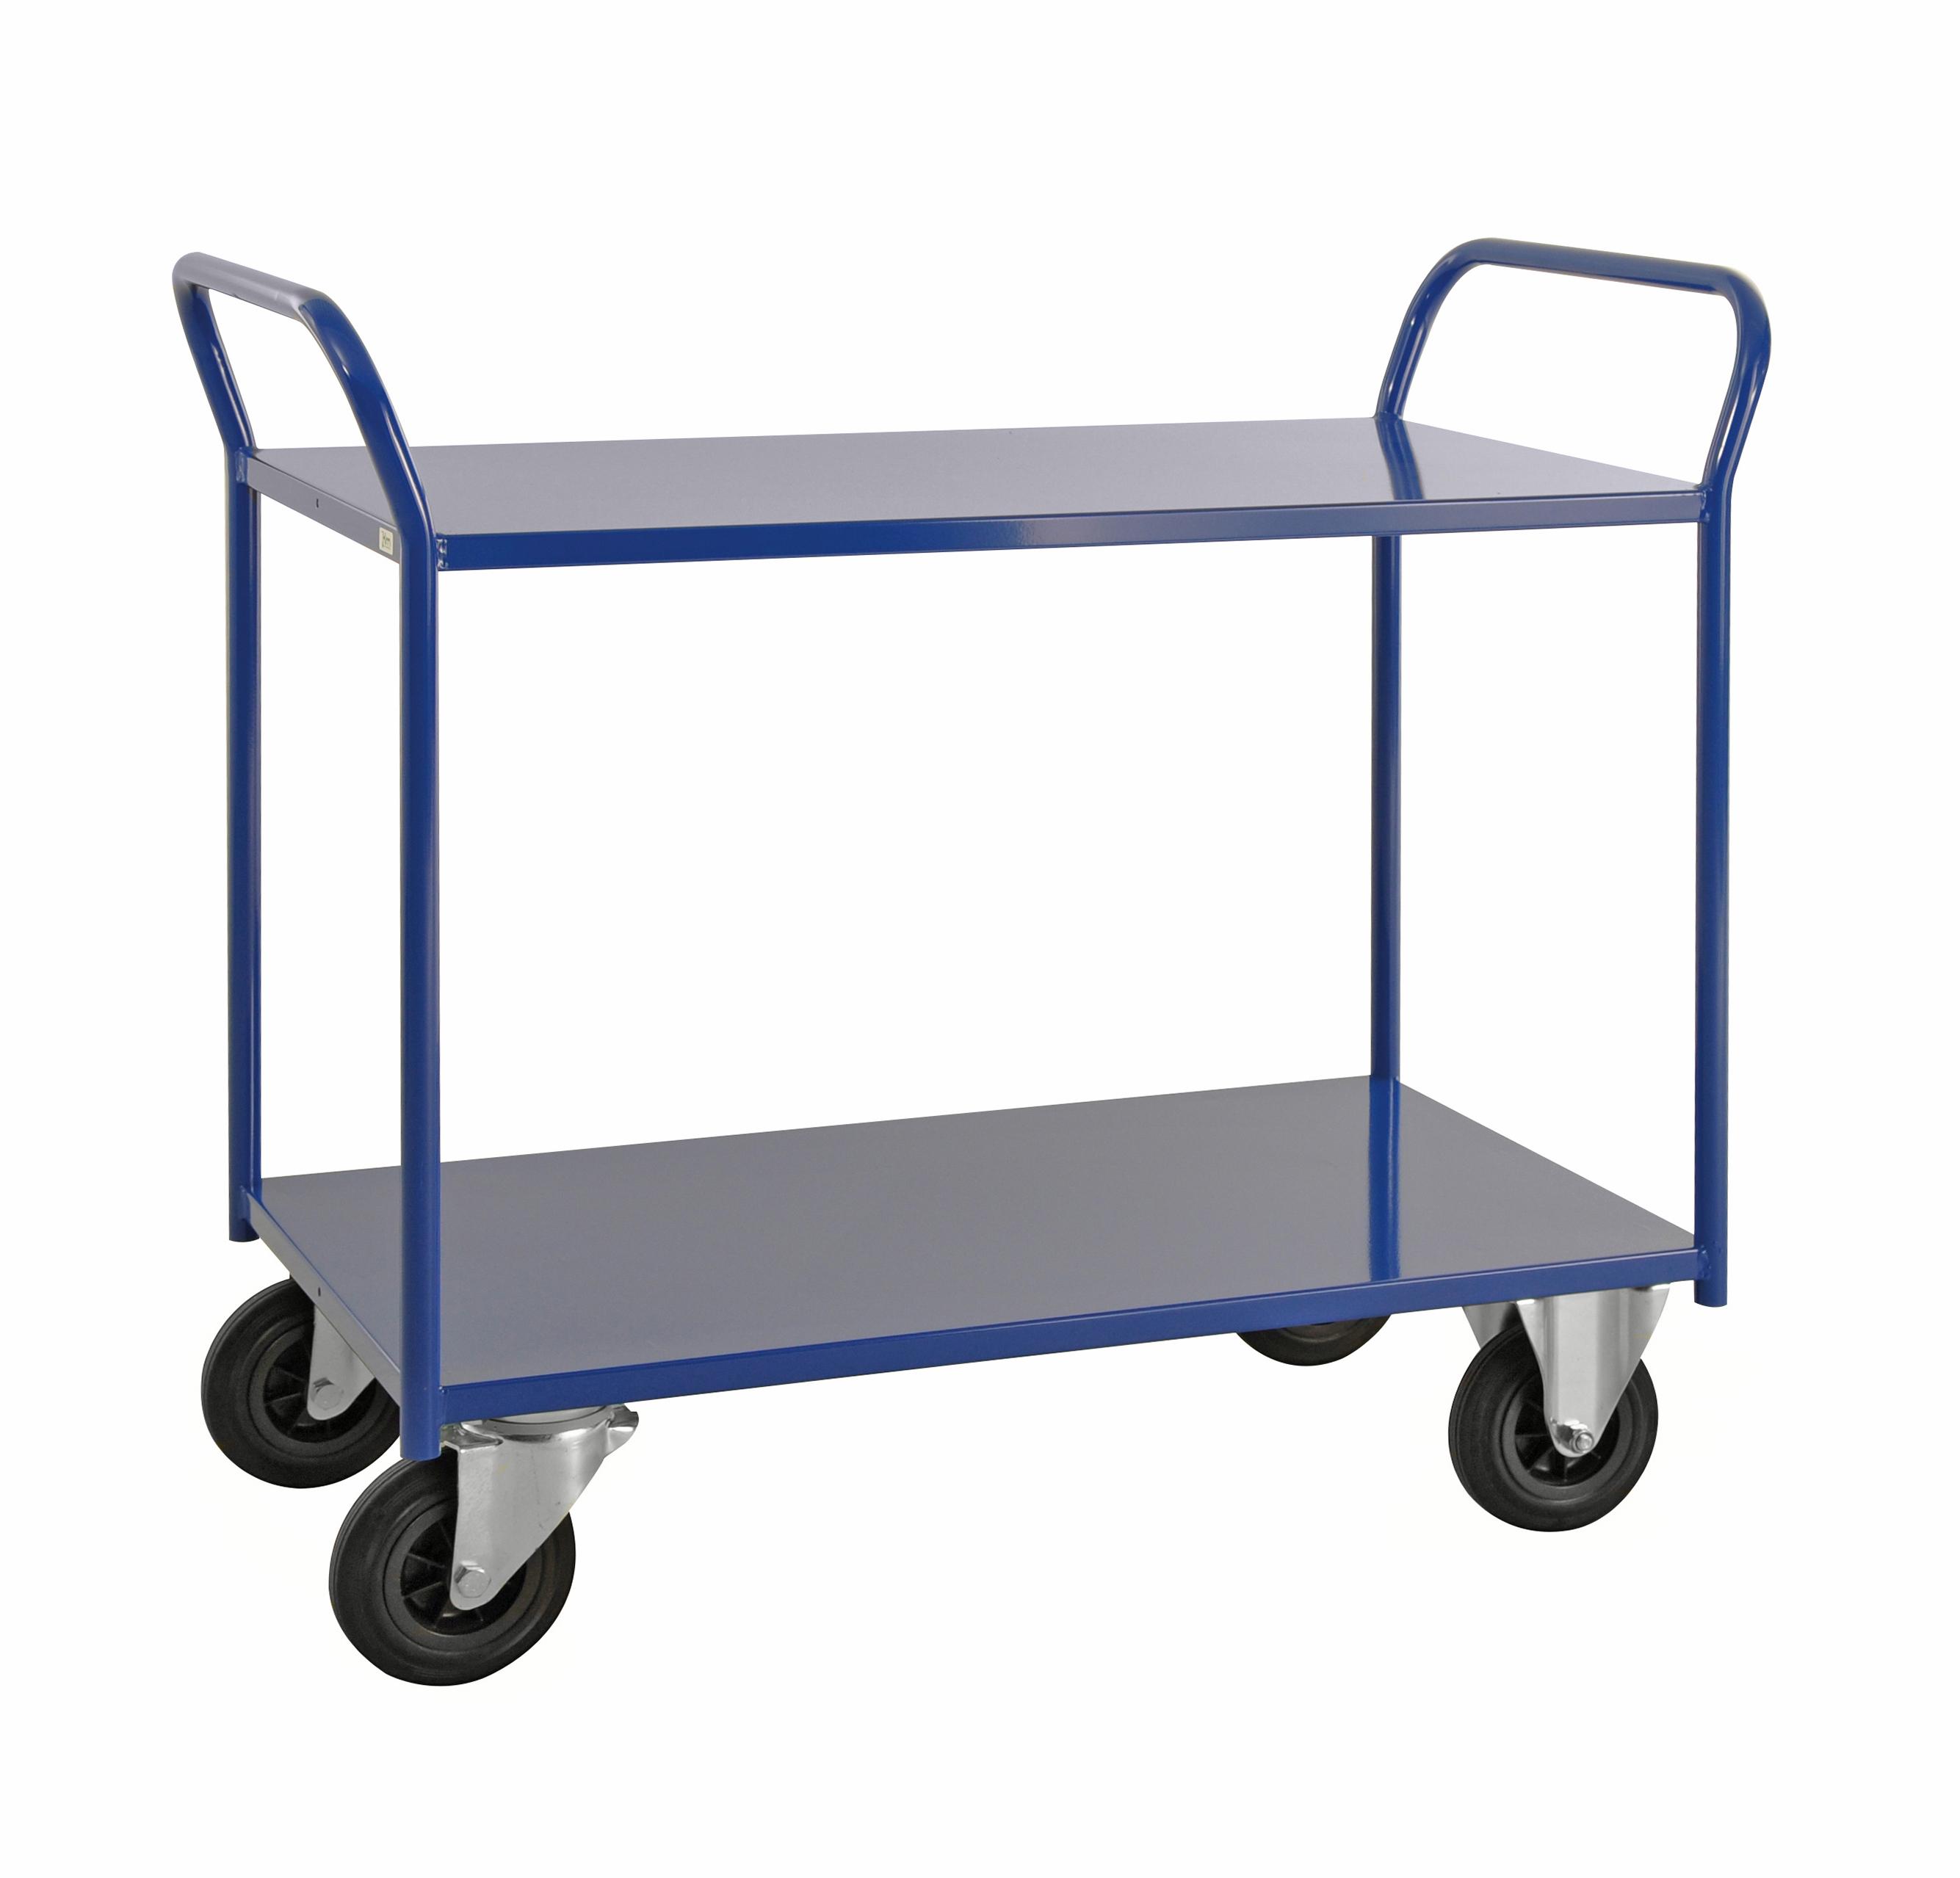 Shelf trolley 2 levels, fully welded KM4126-B